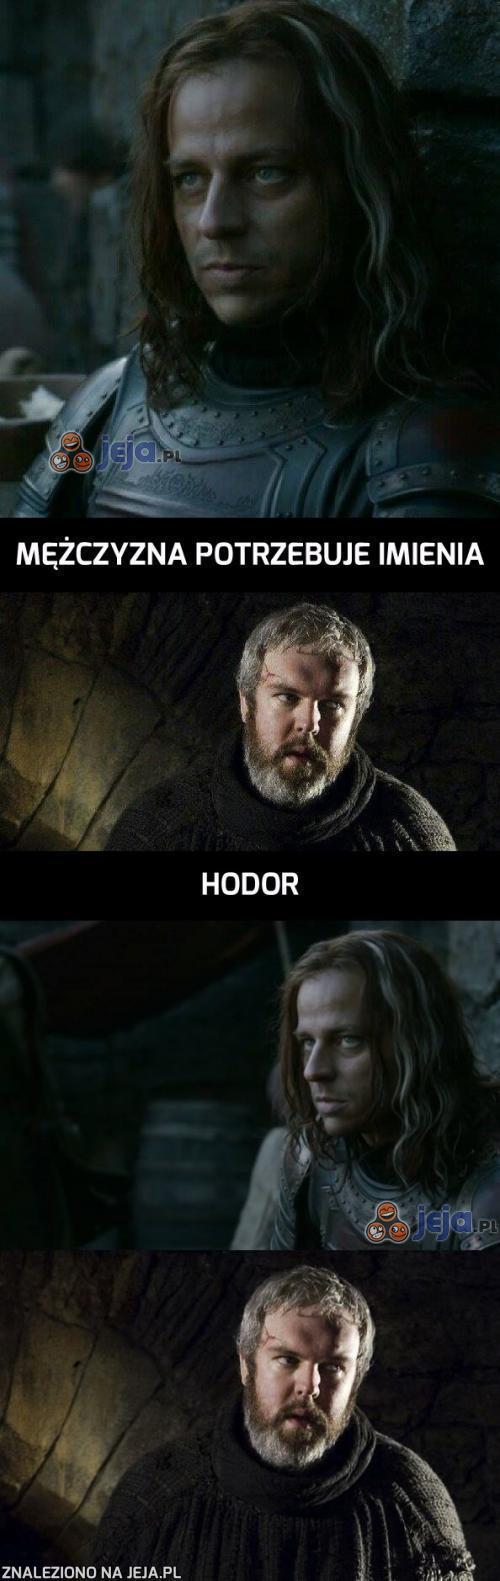 Jesteś pewny, Hodor?